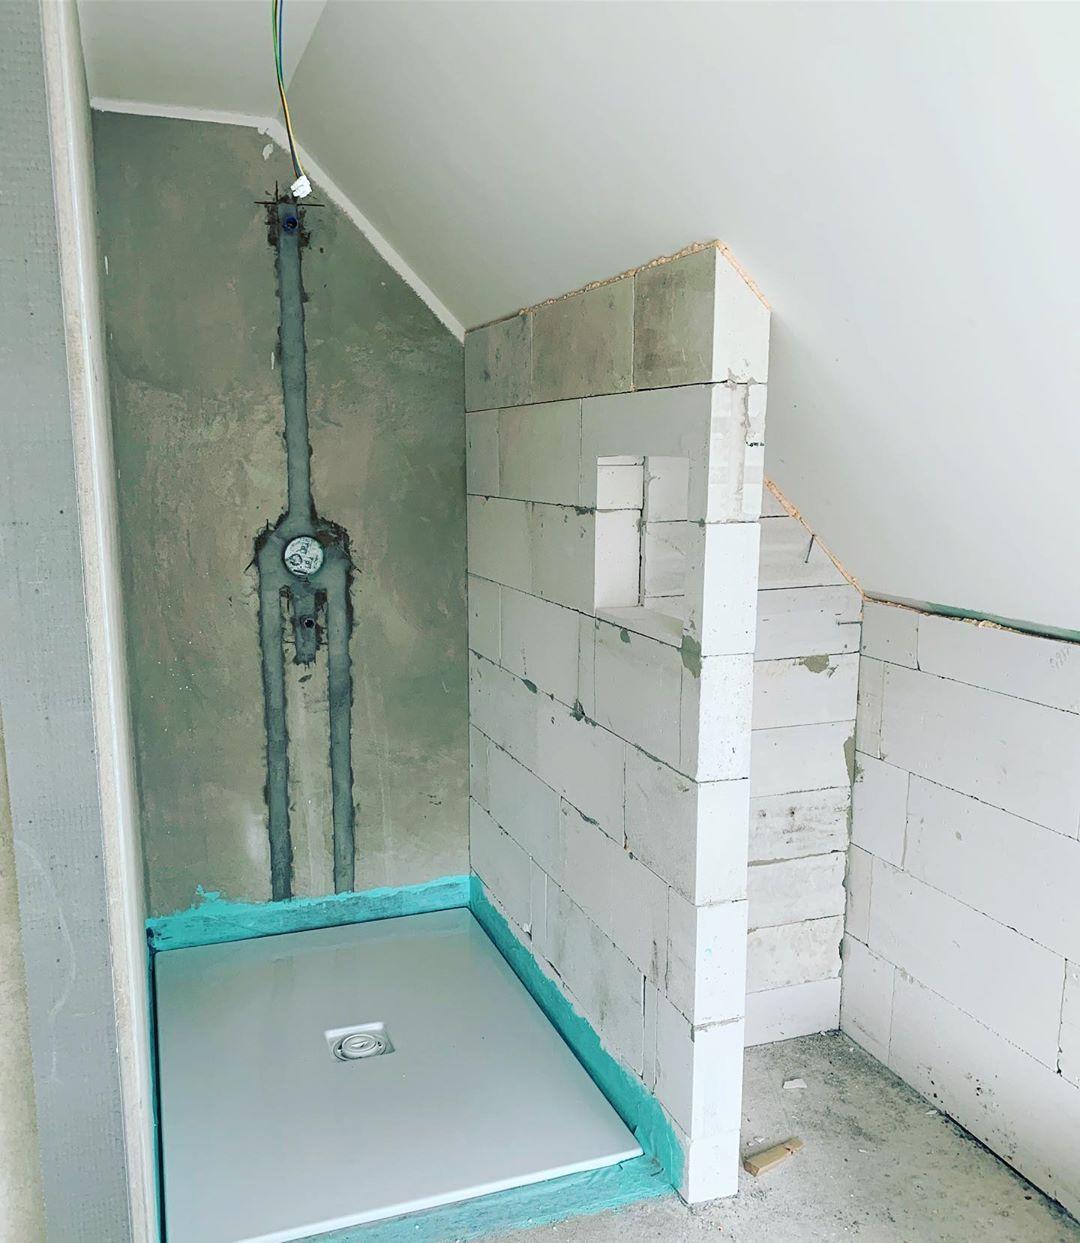 Unsere Duschwanne Im Oberen Badezimmer Ist Drinnen Die Passende Kaldewei Conoflat Zur Badewanne Wir Haben Eine 1 40 M Lange Wanne Bathroom